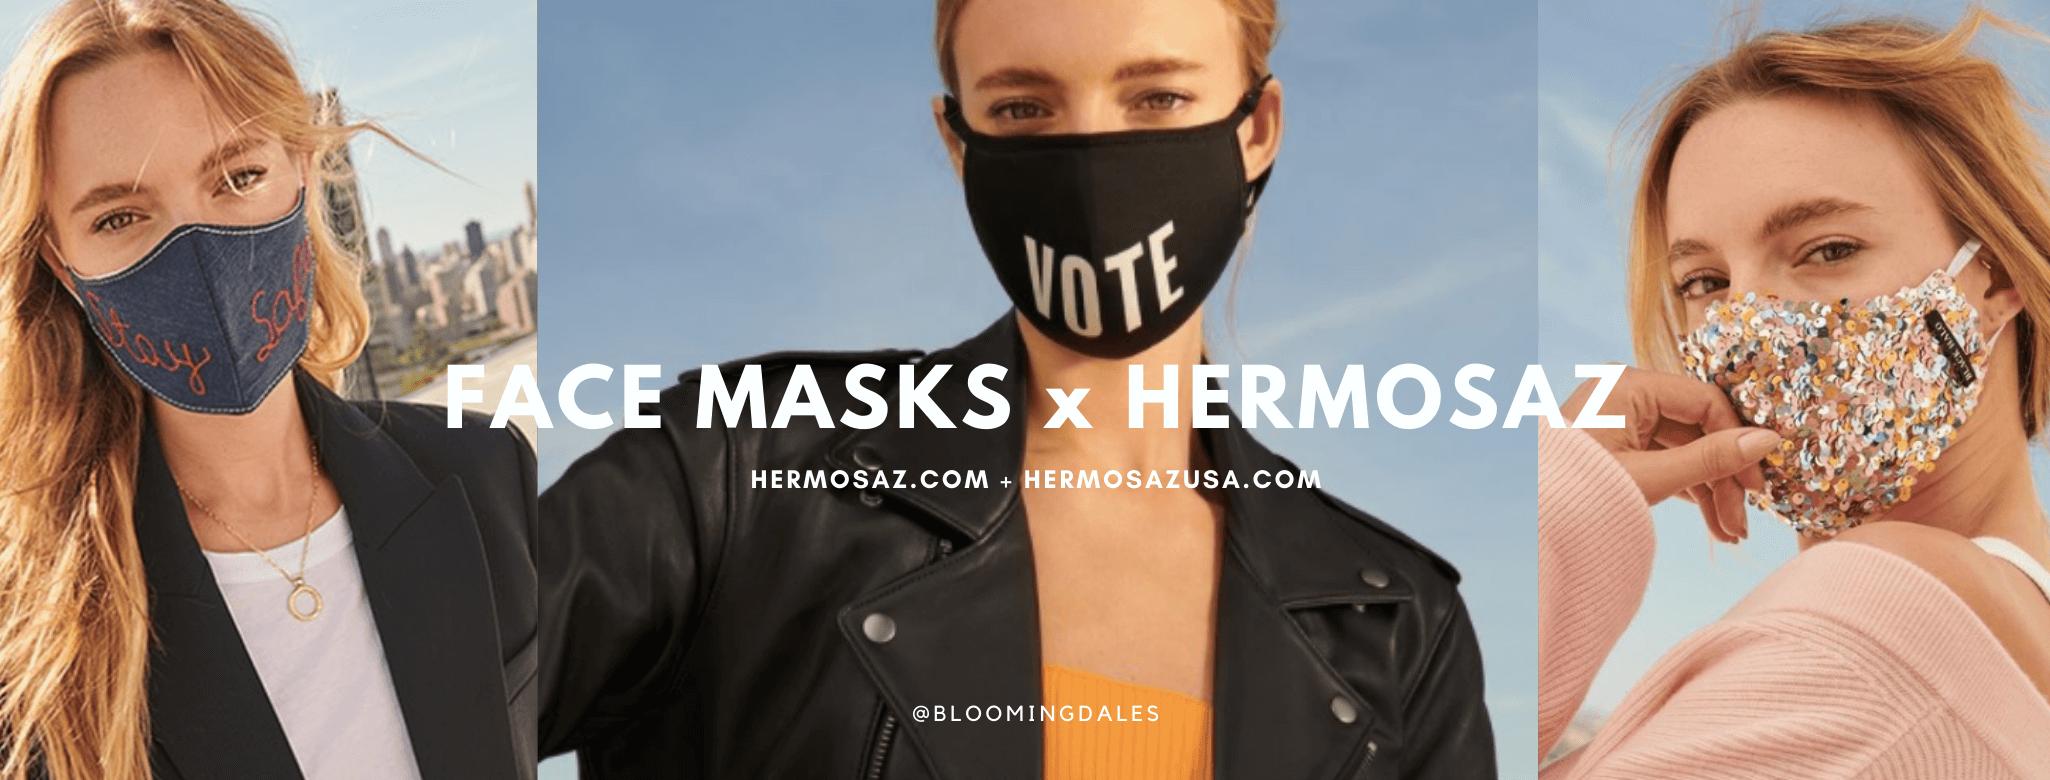 Face Mask x Hermosaz